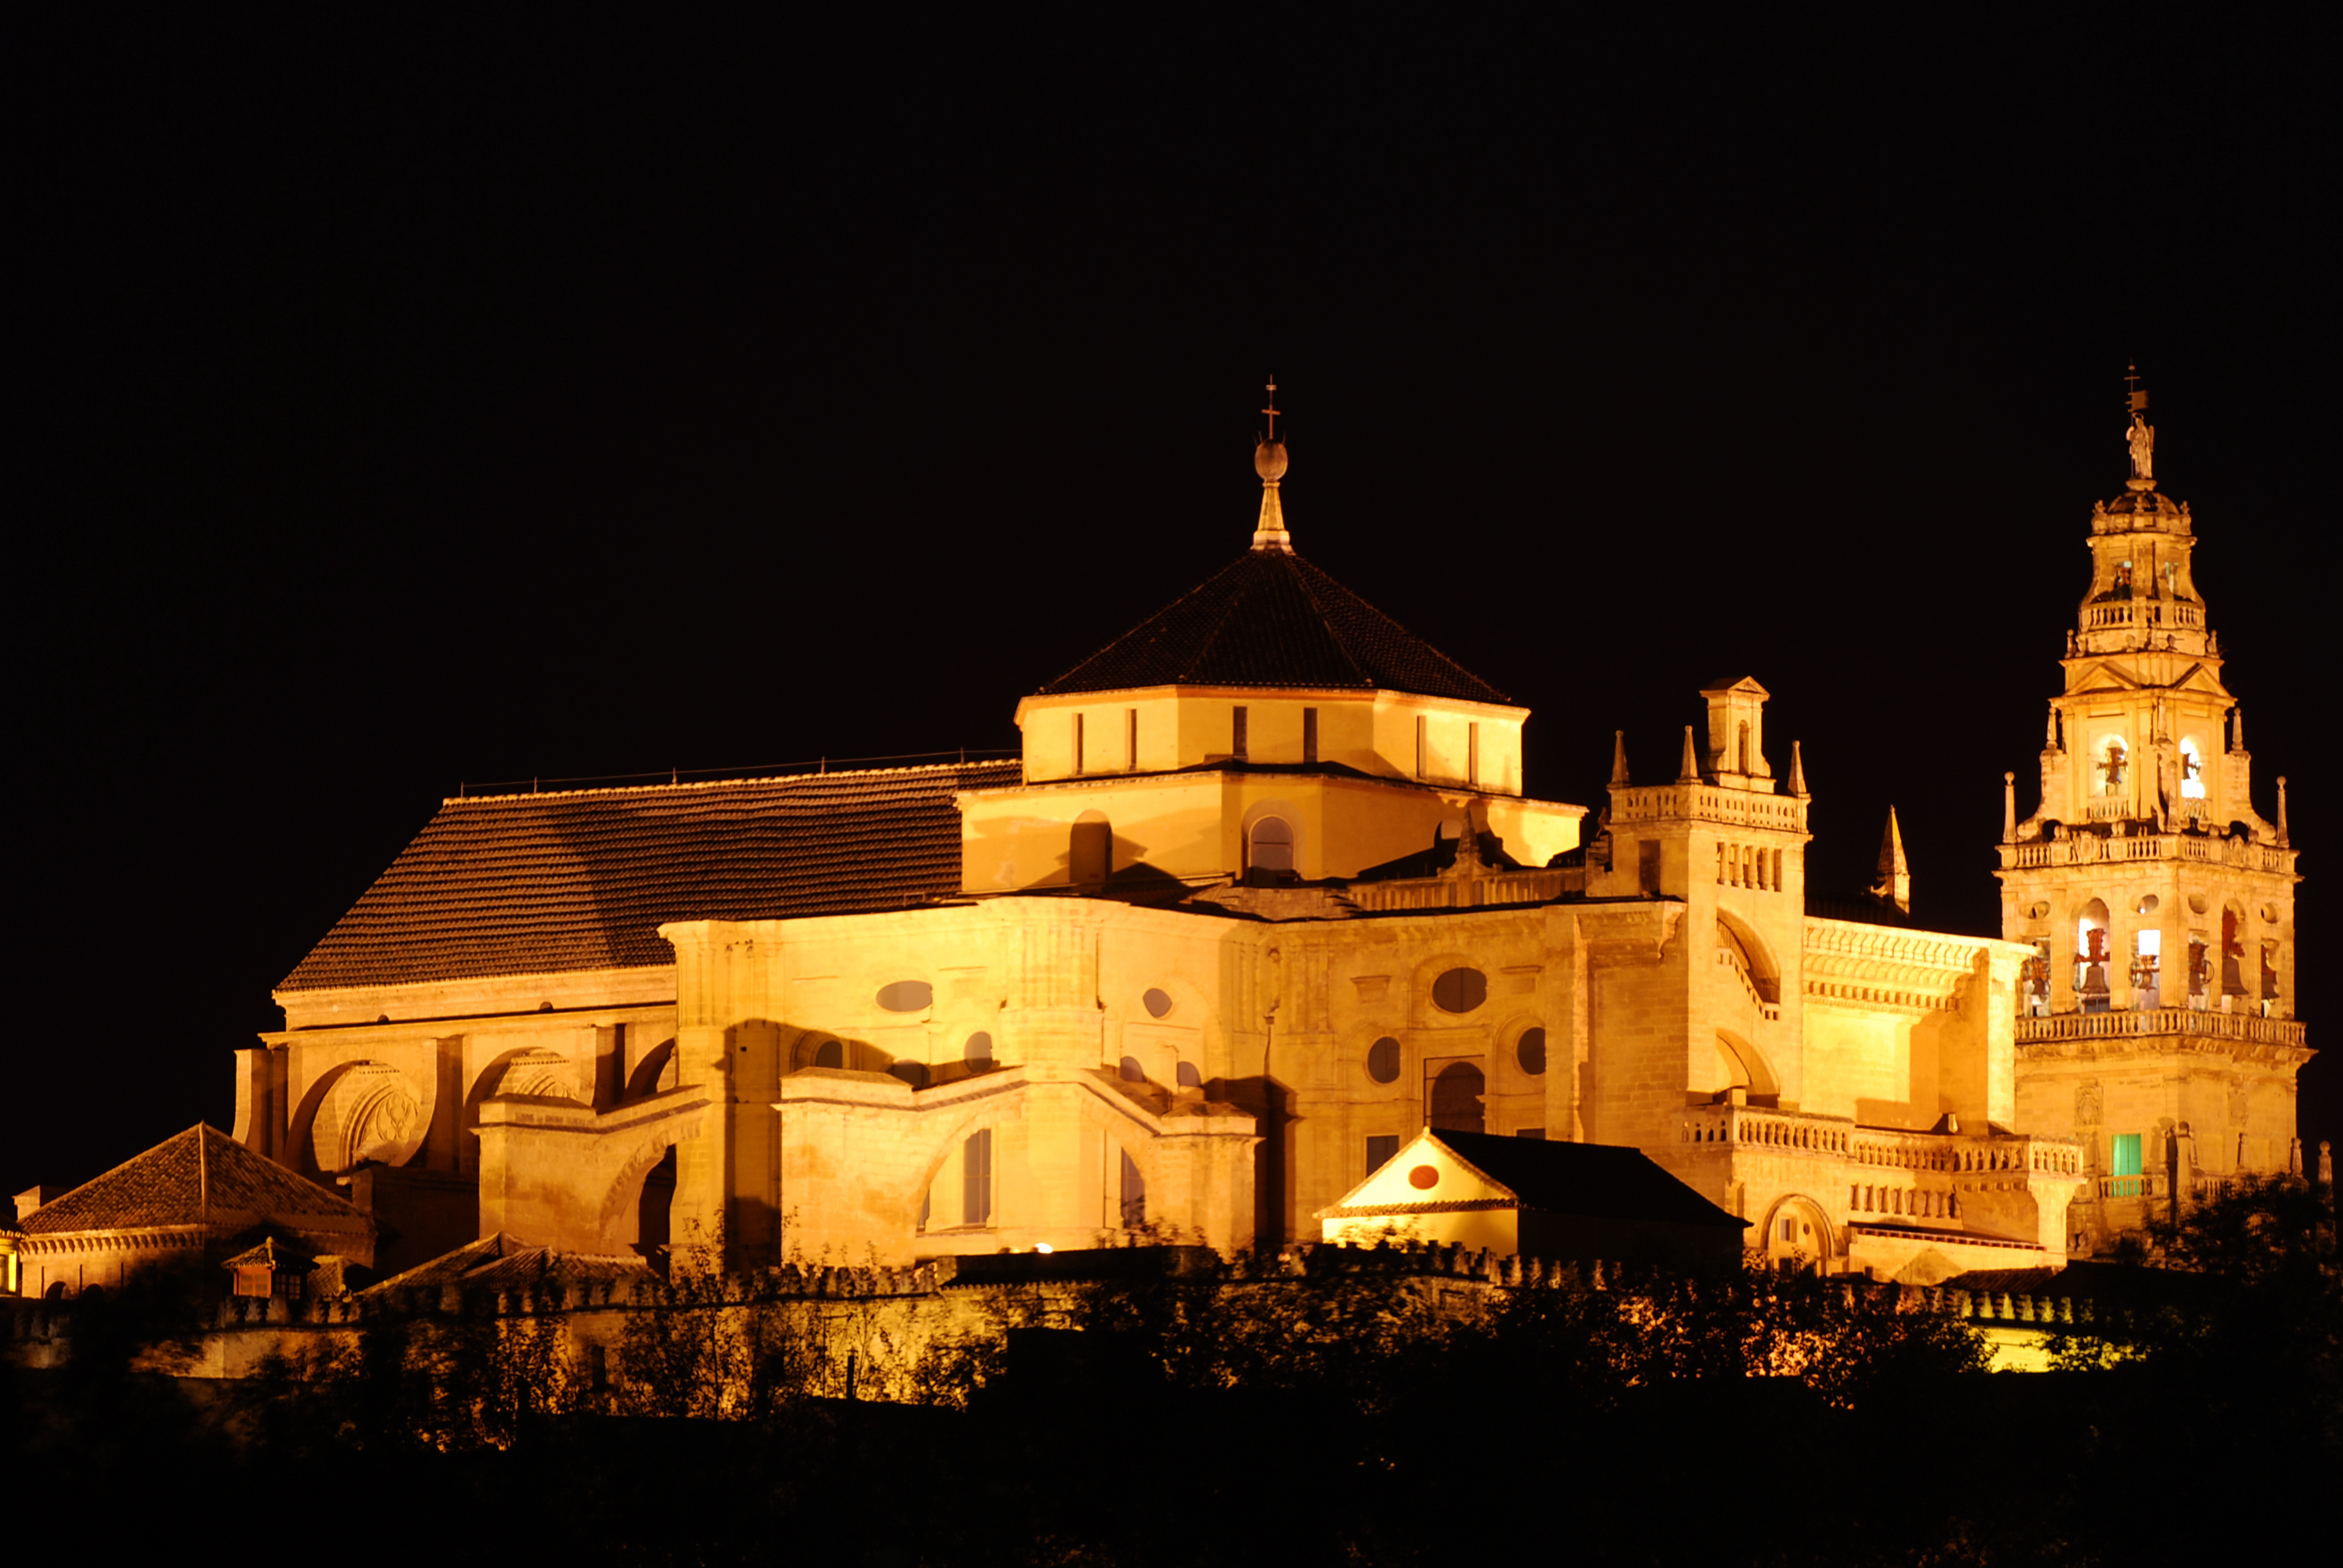 File mezquita catedral de c rdoba de noche 3076433987 - Mezquita de cordoba de noche ...